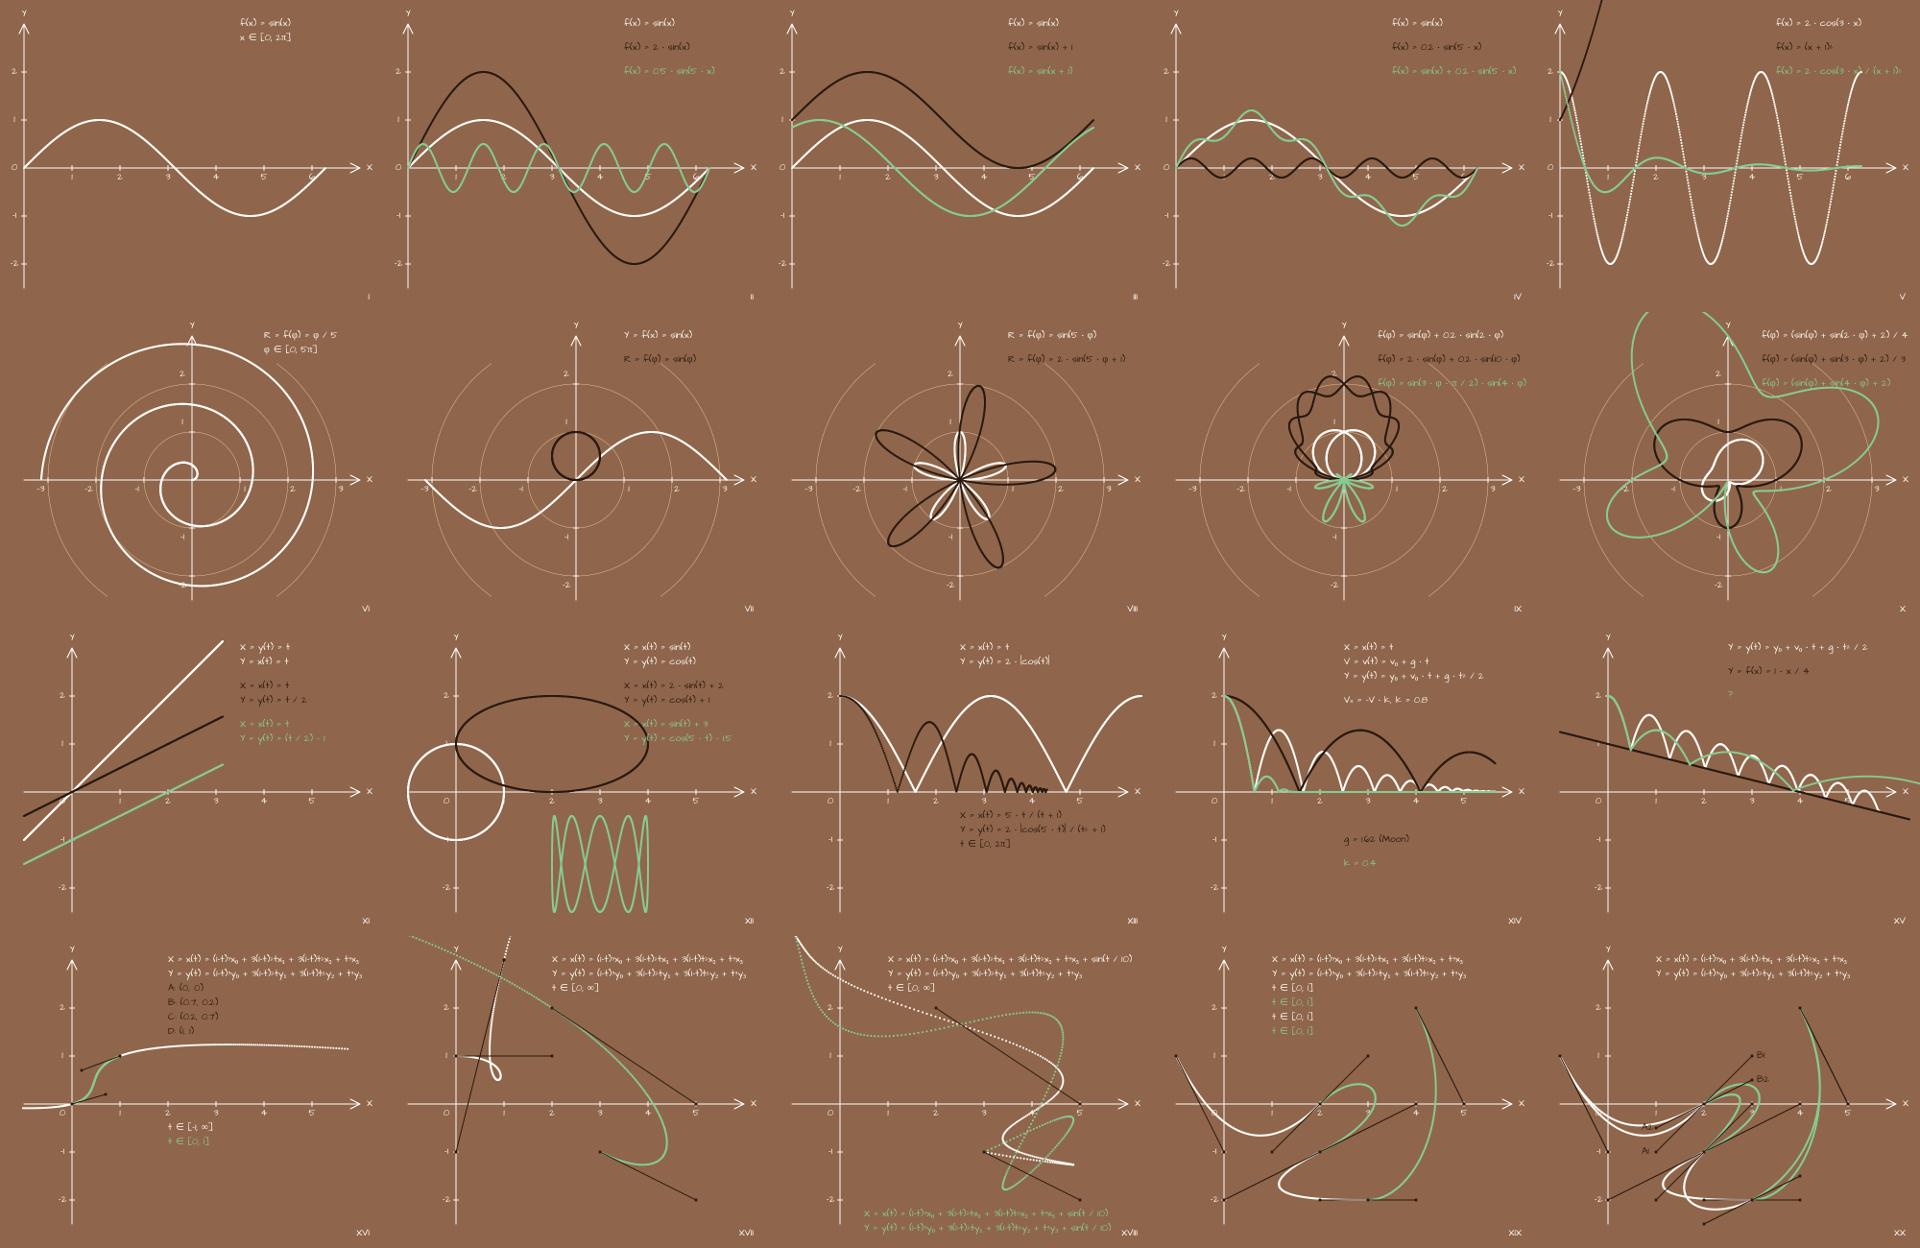 Математика верстальщику не нужна, или Временные функции и траектории для покадровых 2D анимаций на сайтах